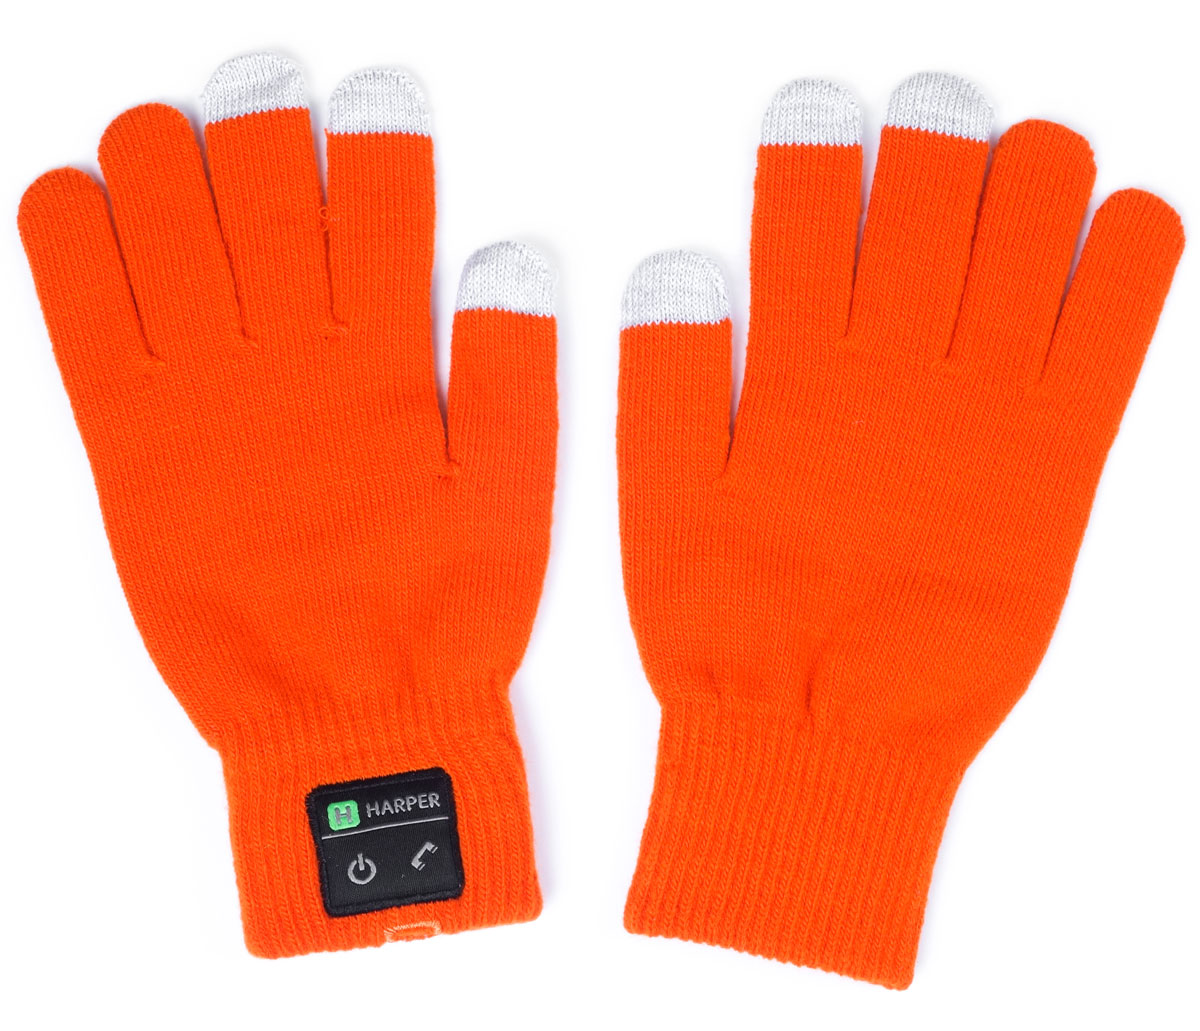 Harper HB-502, Orange перчатки с Bluetooth-гарнитуройH00000920Перчатки Harper HB-502 с Bluetooth-гарнитурой. В основе используется качественный материал, состоящий из акрила - 84%, спандекса - 10%, полиэстра - 6%. Аккуратная пряжа, шерсть не раздражает руки, без посторонних запахов. Неплохо согревают в зимнее время. В перчатках можно управлять устройством, не снимая их. Динамик расположен в большом пальце левой перчатки, а микрофон в мизинце. Модуль с двумя механическими кнопками (включение и ответ на вызов) находится на боковой части. Для того чтобы не пропустить входящий вызов, в конструкции корпуса предусмотрена вибрация.Размер: M